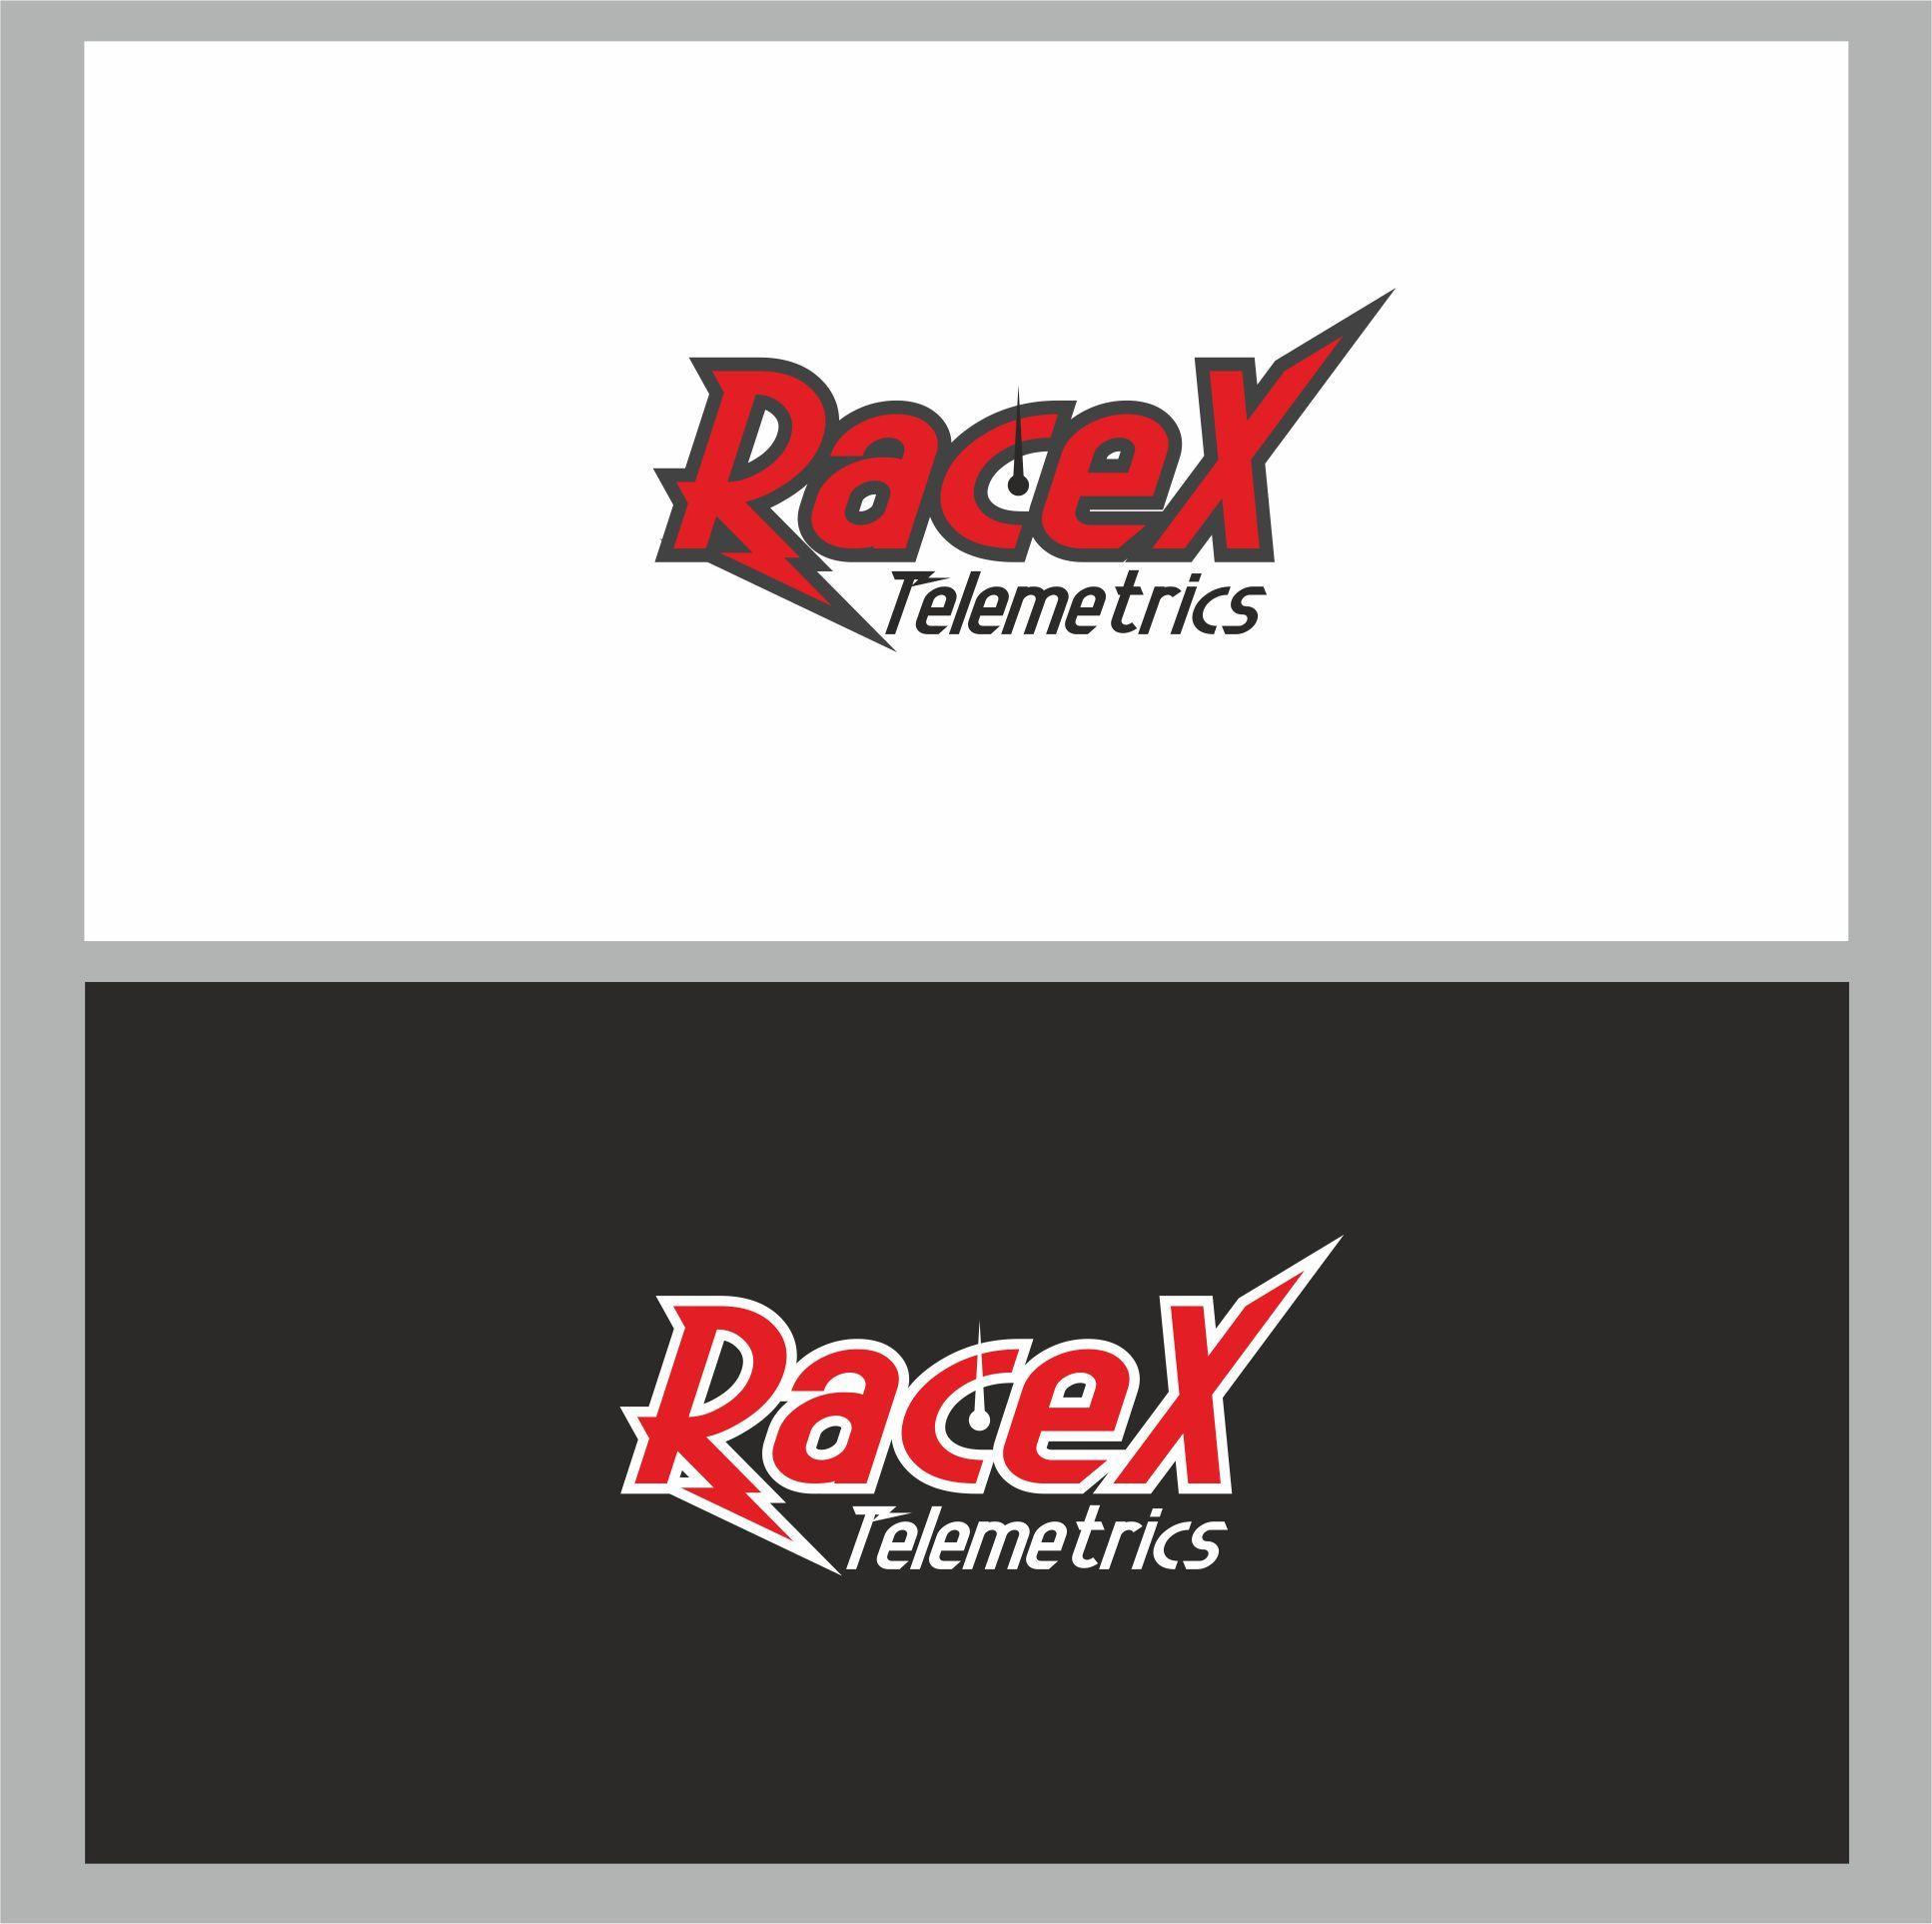 Логотип RaceX Telemetrics  - дизайнер dbyjuhfl